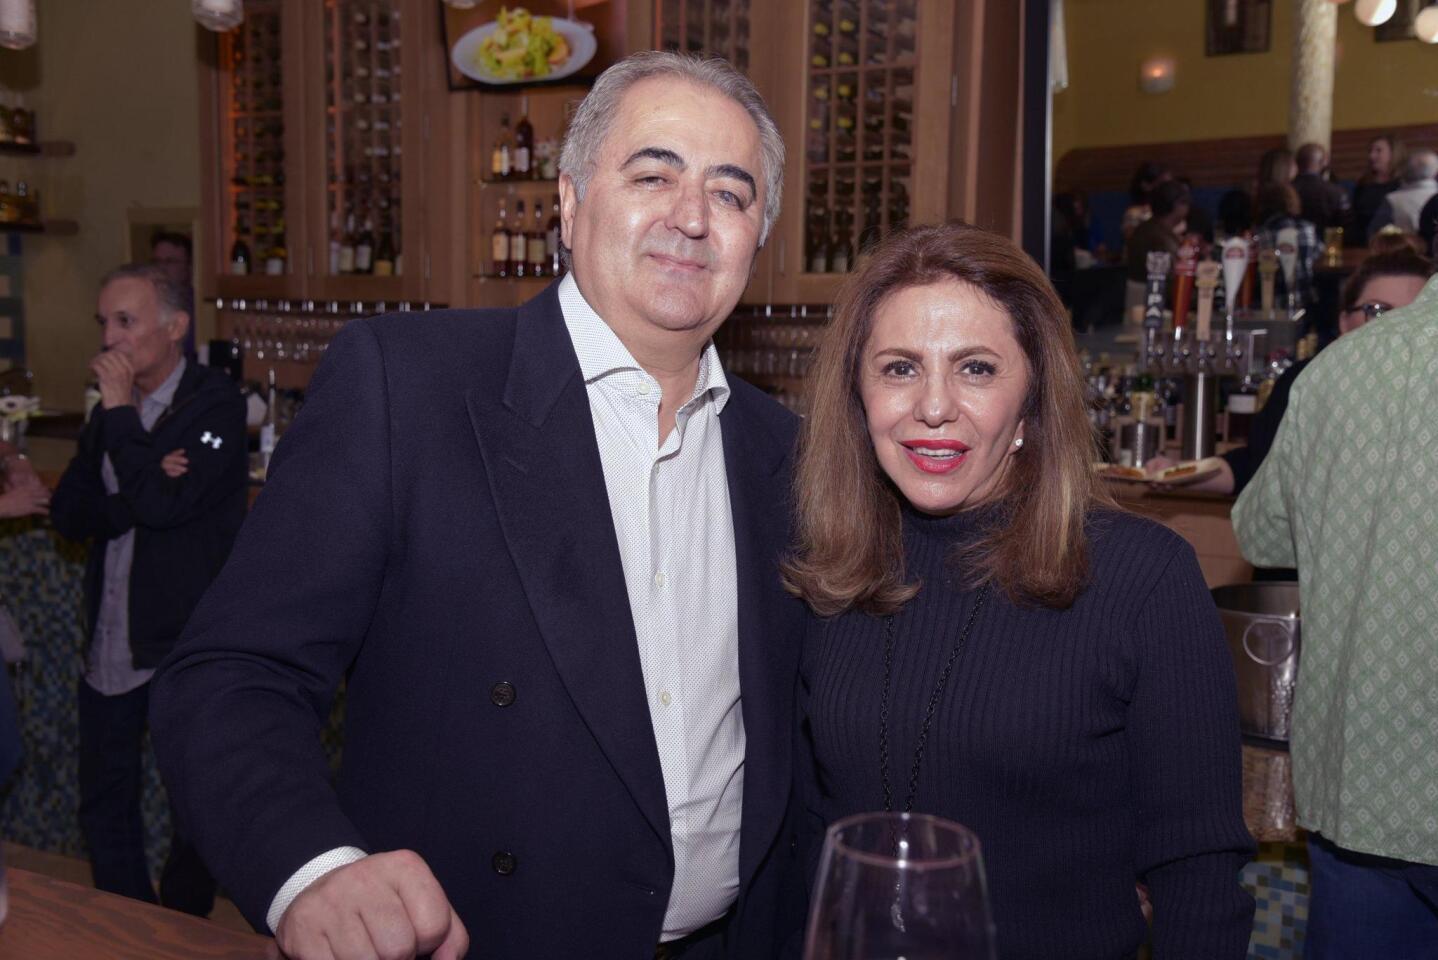 Fred and Ati Yousefi